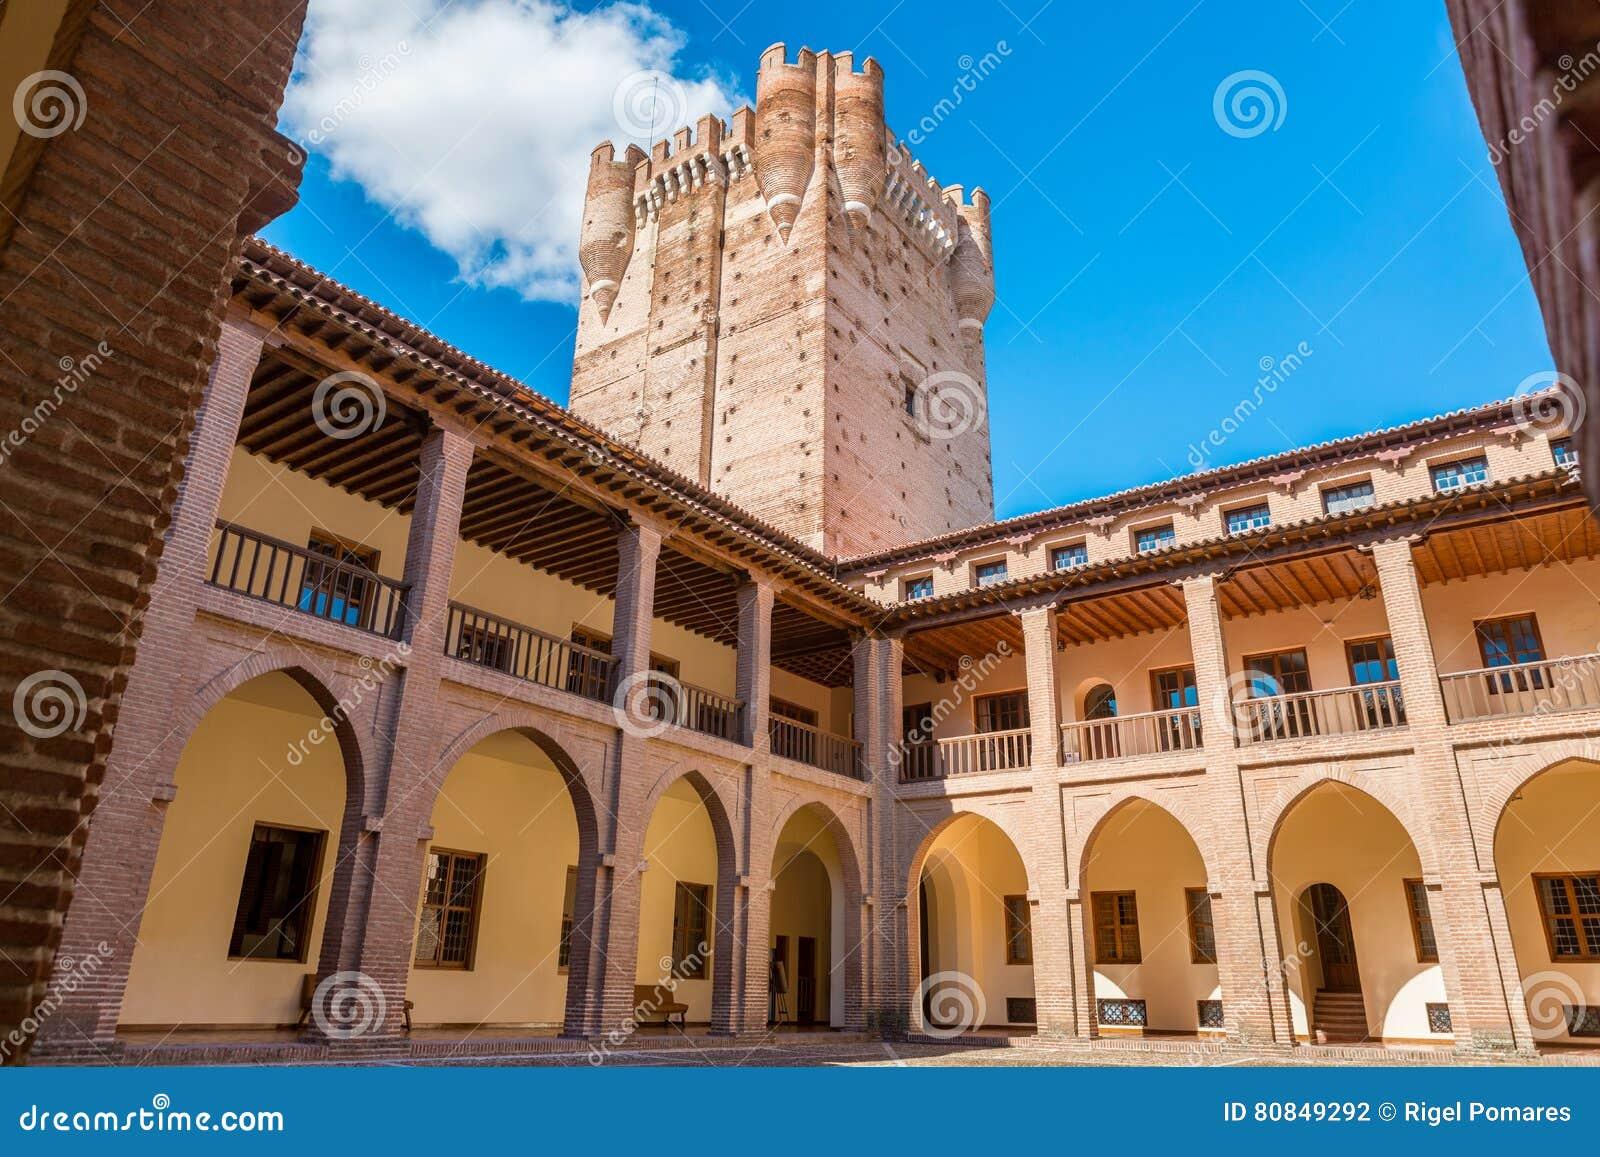 Inre sikt av den berömda slotten Castillo de la Mota i Medina del Campo, Valladolid, Spanien